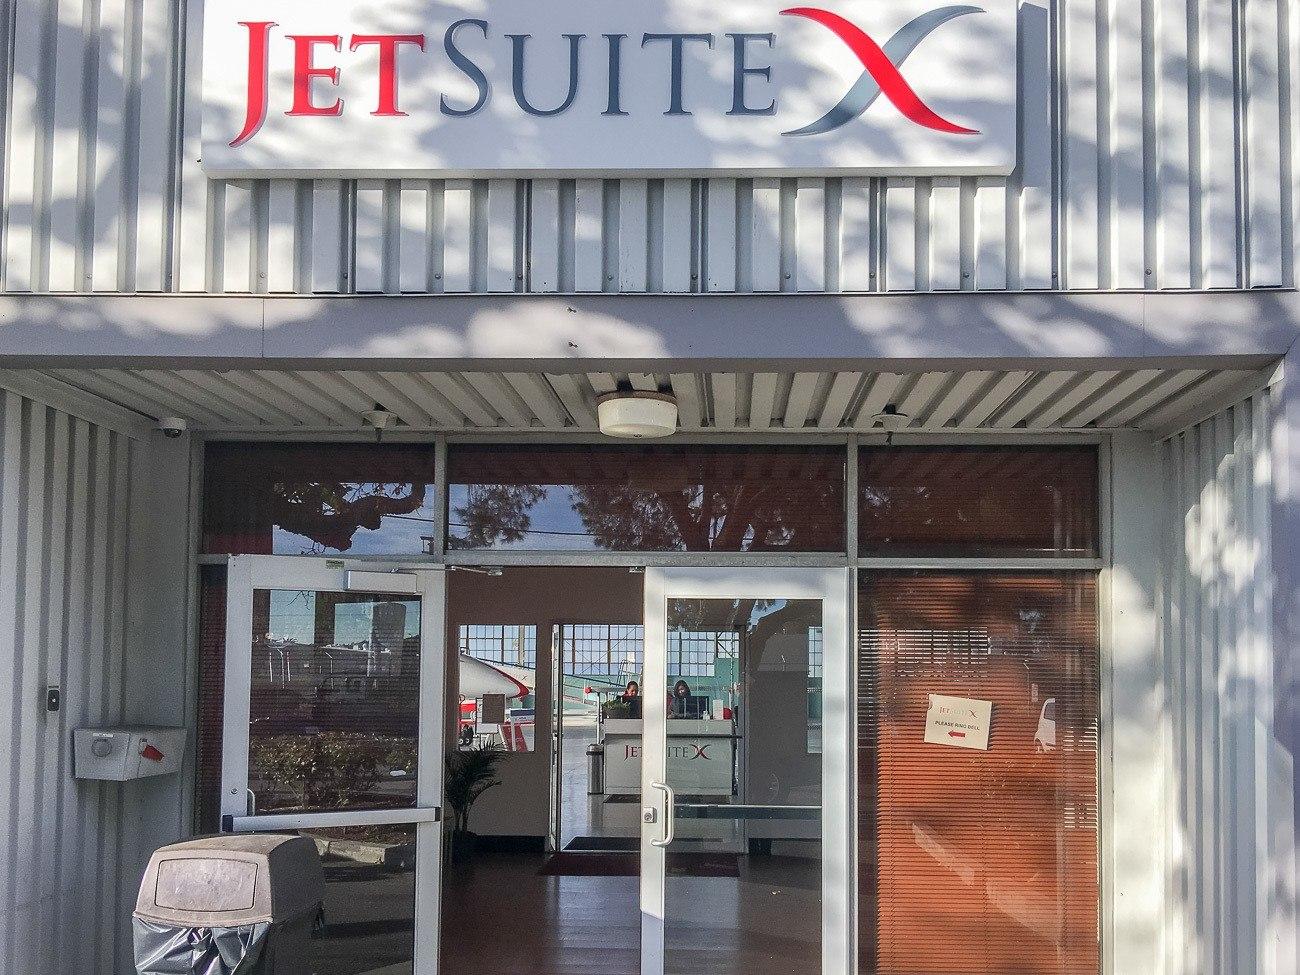 JetSuiteX at Burbank Airport's Hangar 2.